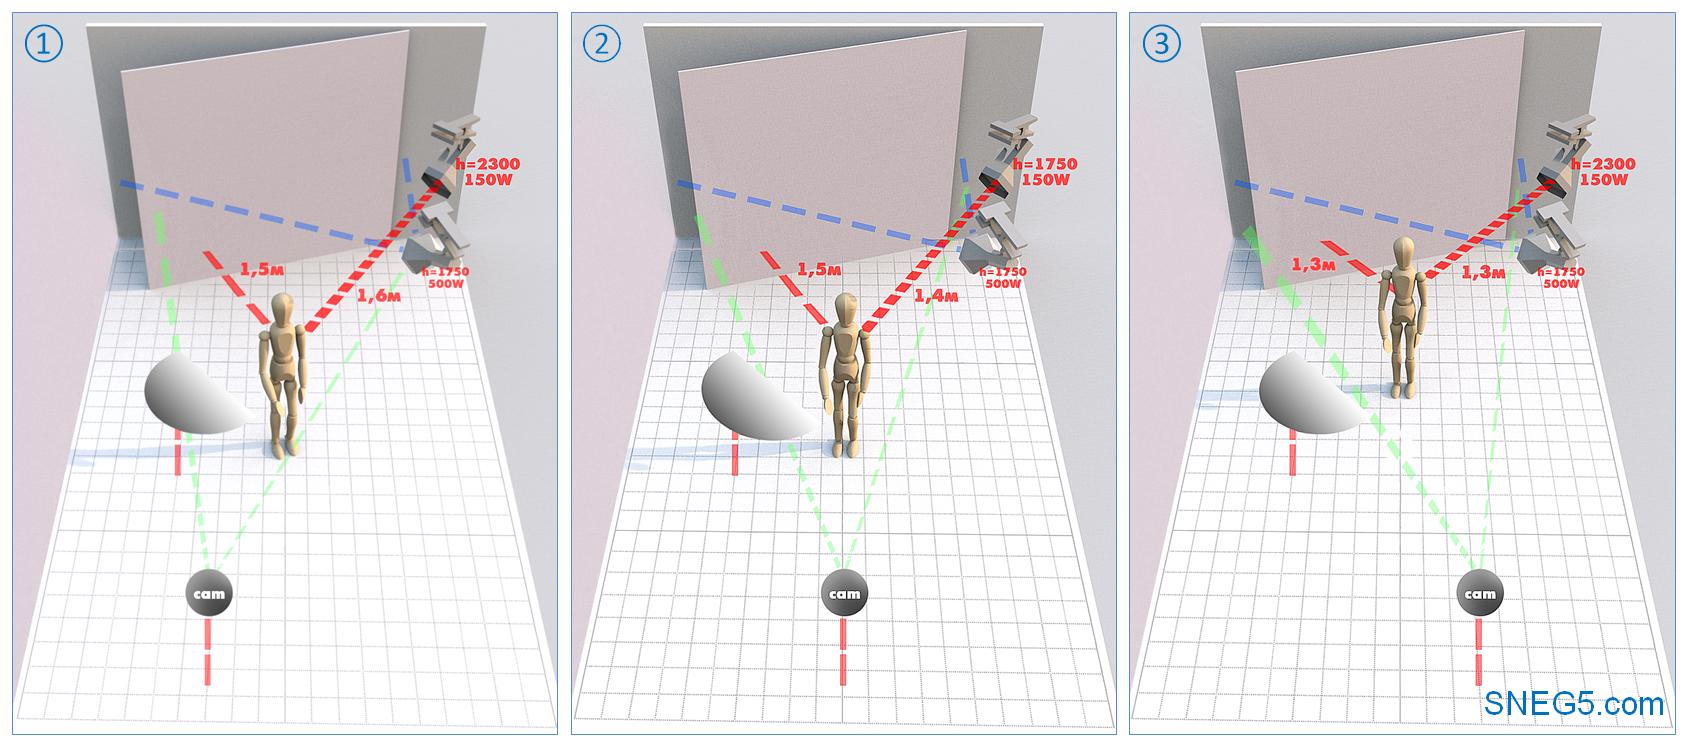 Схема освещения «Петля» (Loop Lighting) со светом СЛЕВА на светлом фоне. 1 - анфас; 2 - световой полуоборот; 3 - теневой полуоборот